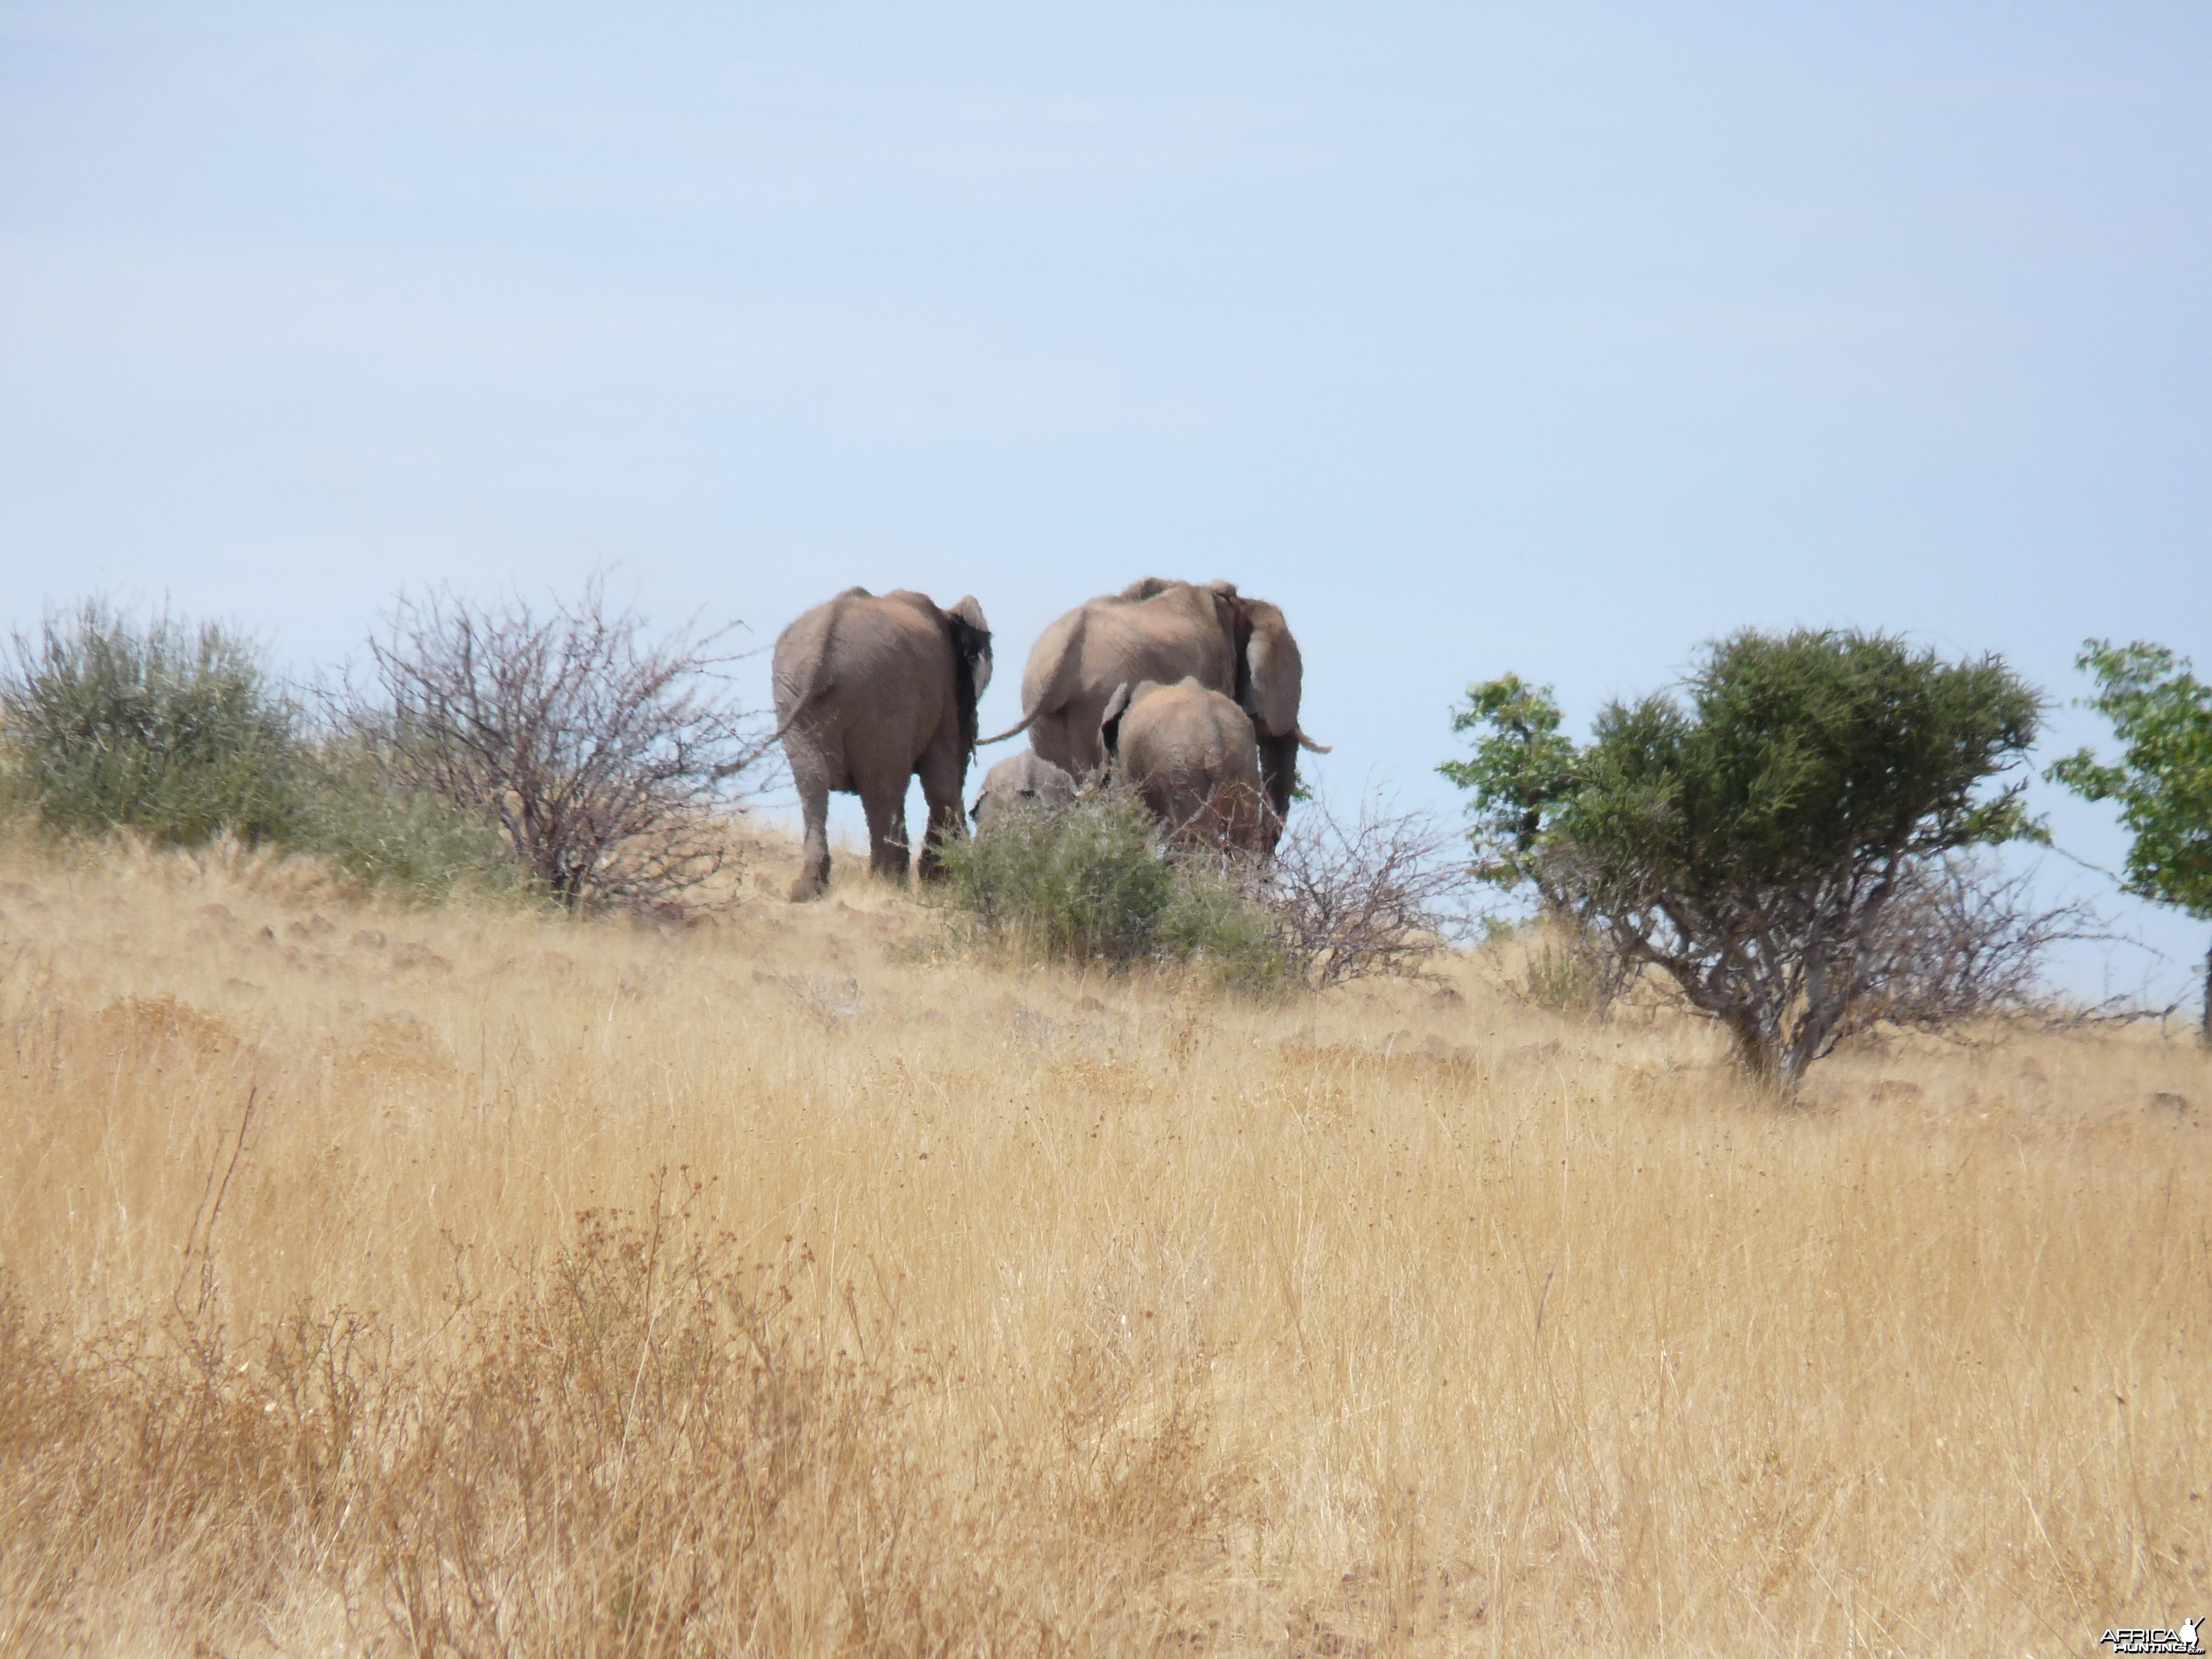 Elephant Damaraland Namibia